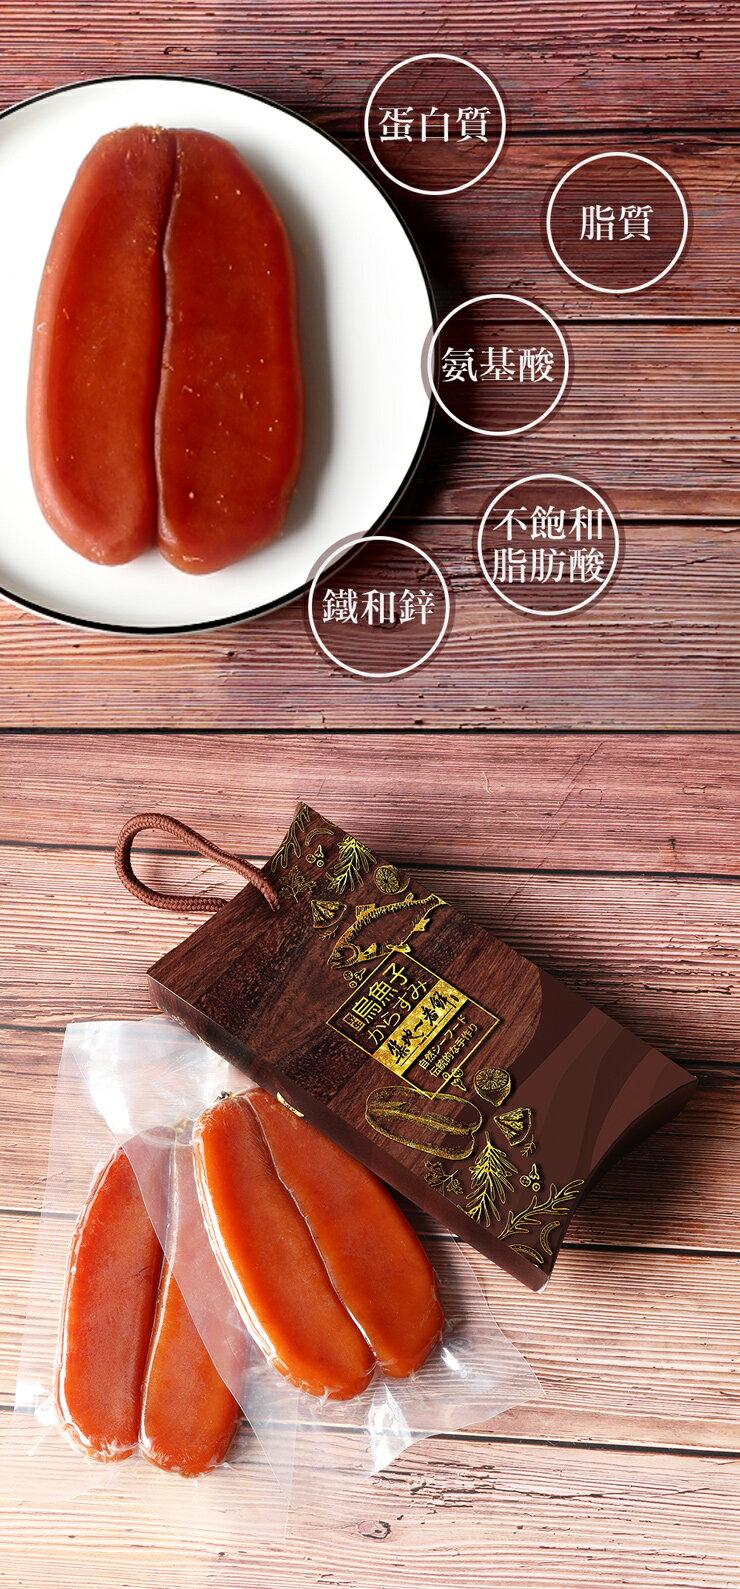 【築地一番鮮】年節必Buy-干貝風味佛跳牆1盒+炭烤烏魚子1片(3兩 / 片) 6